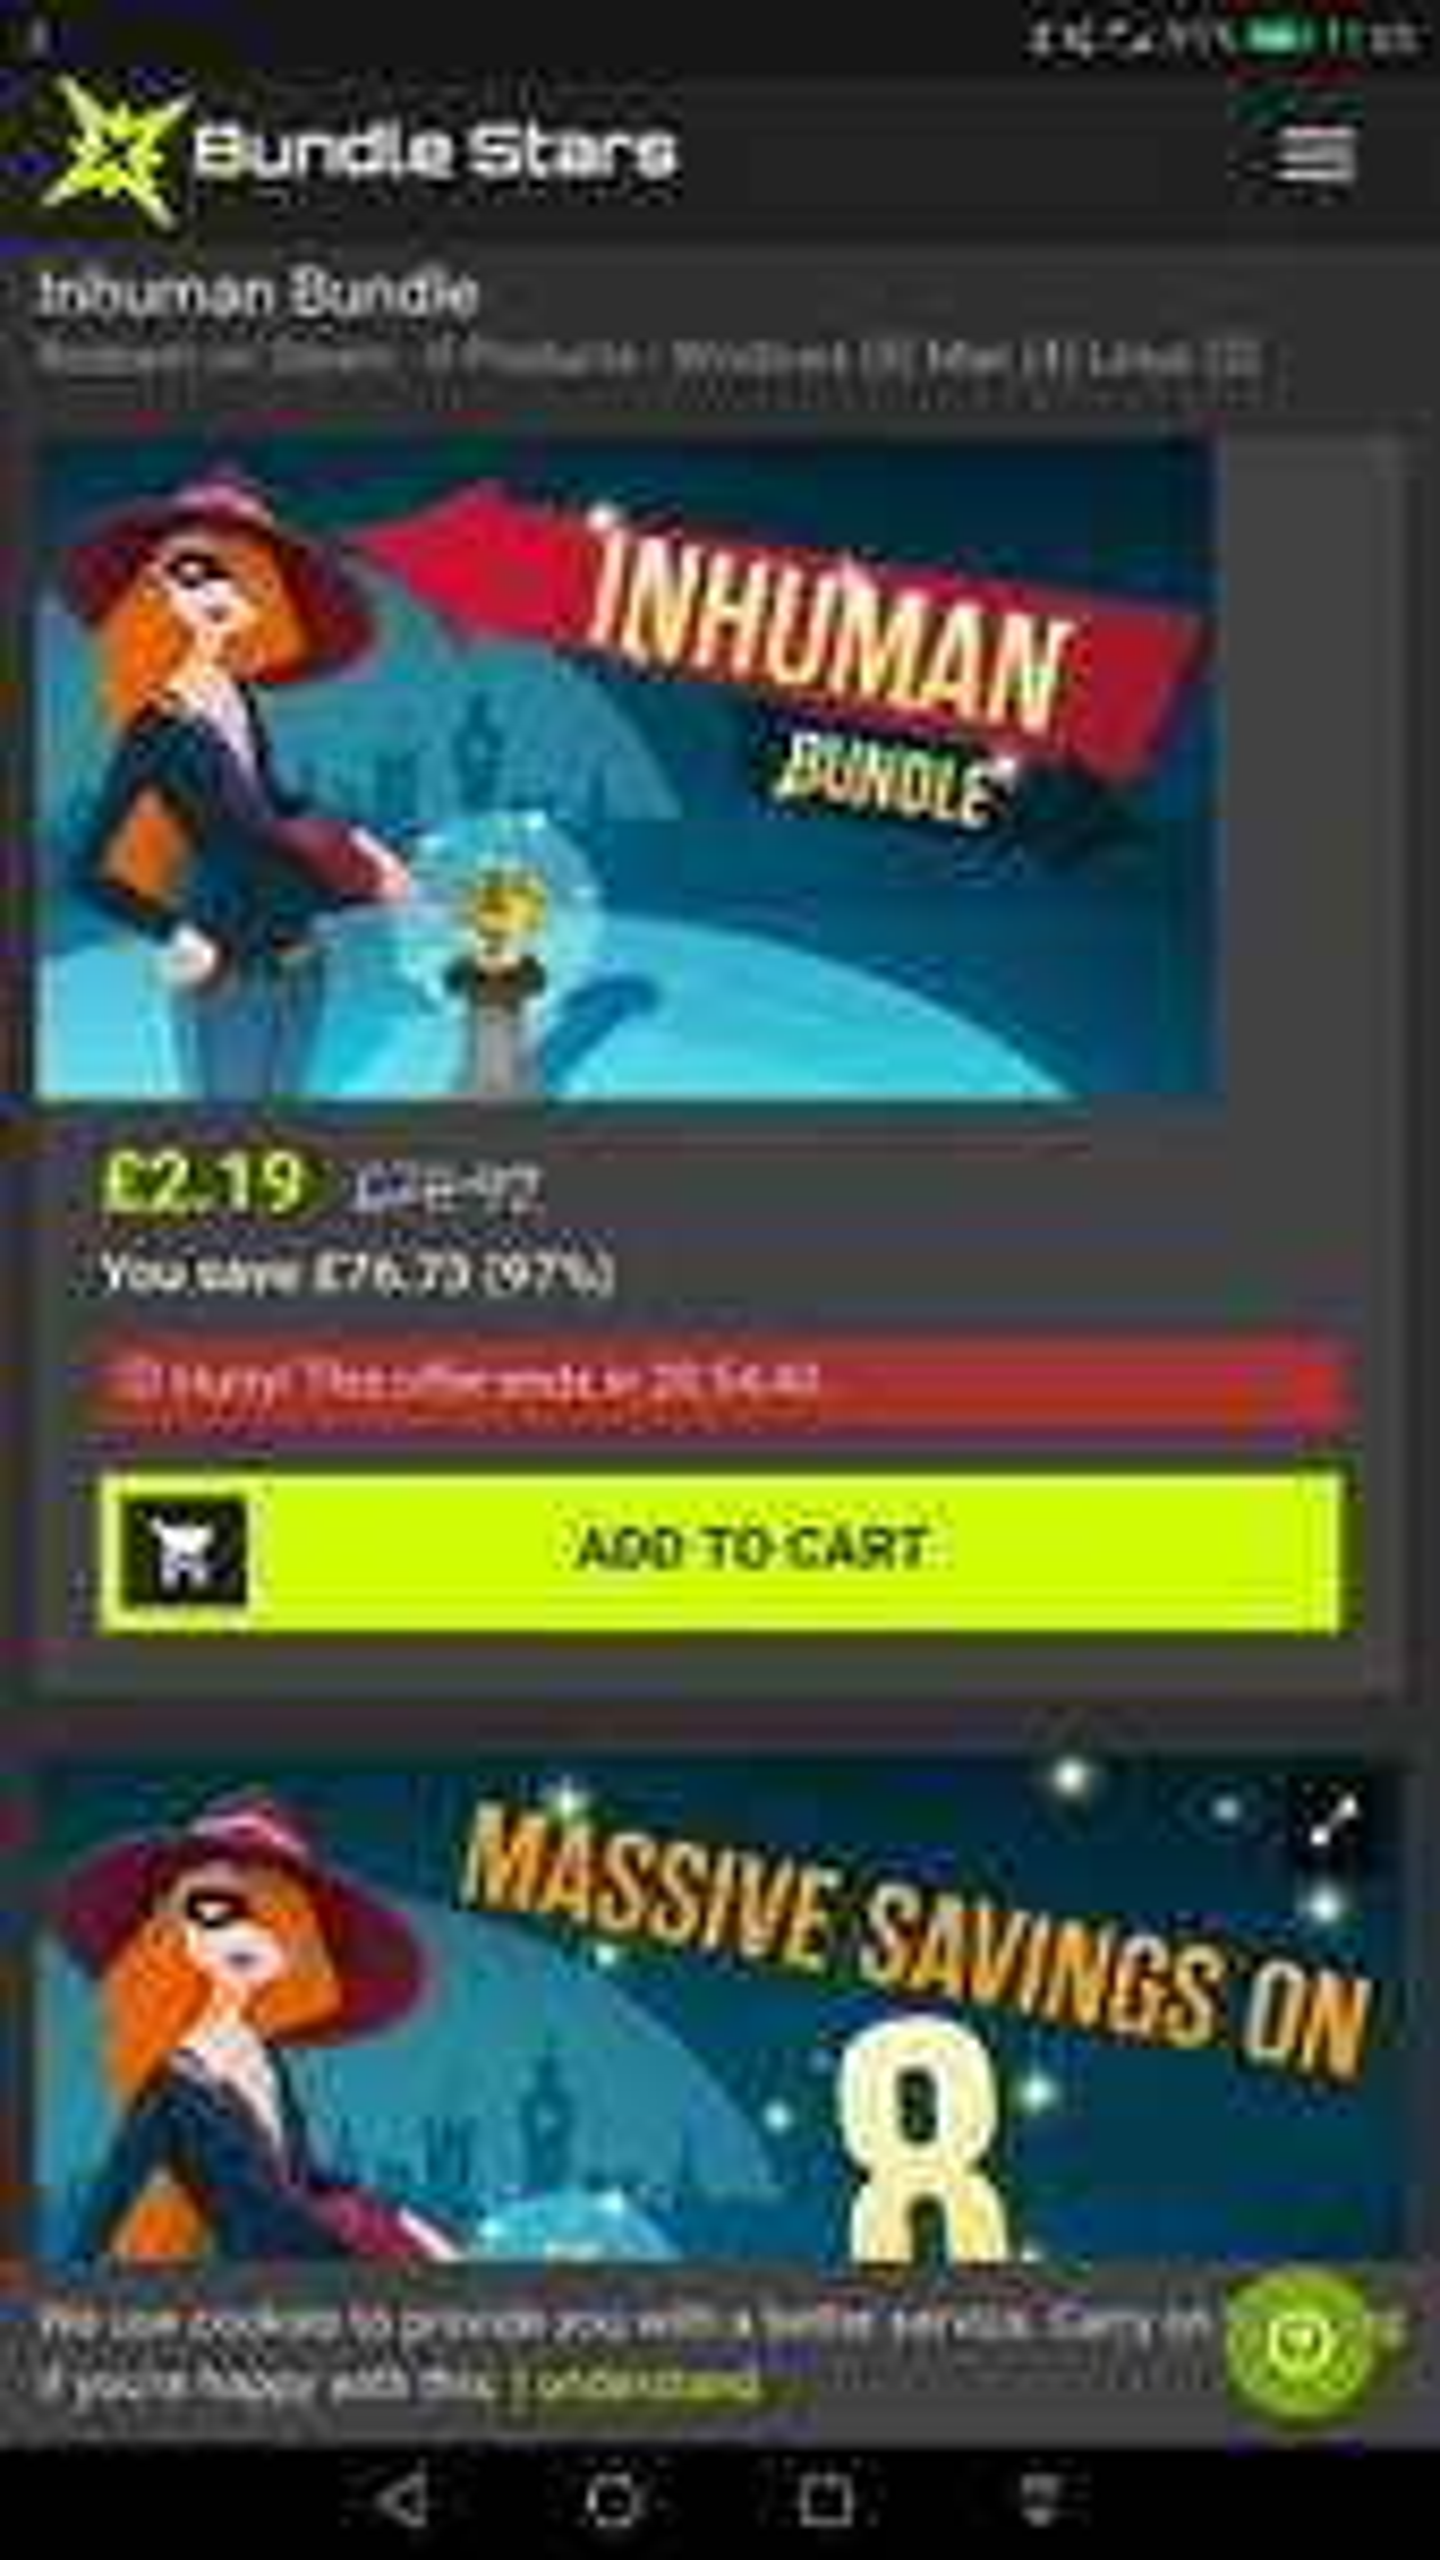 Bundlestars - Inhuman Bundle (includes Deadly Premonition) - £2.19 - Steam